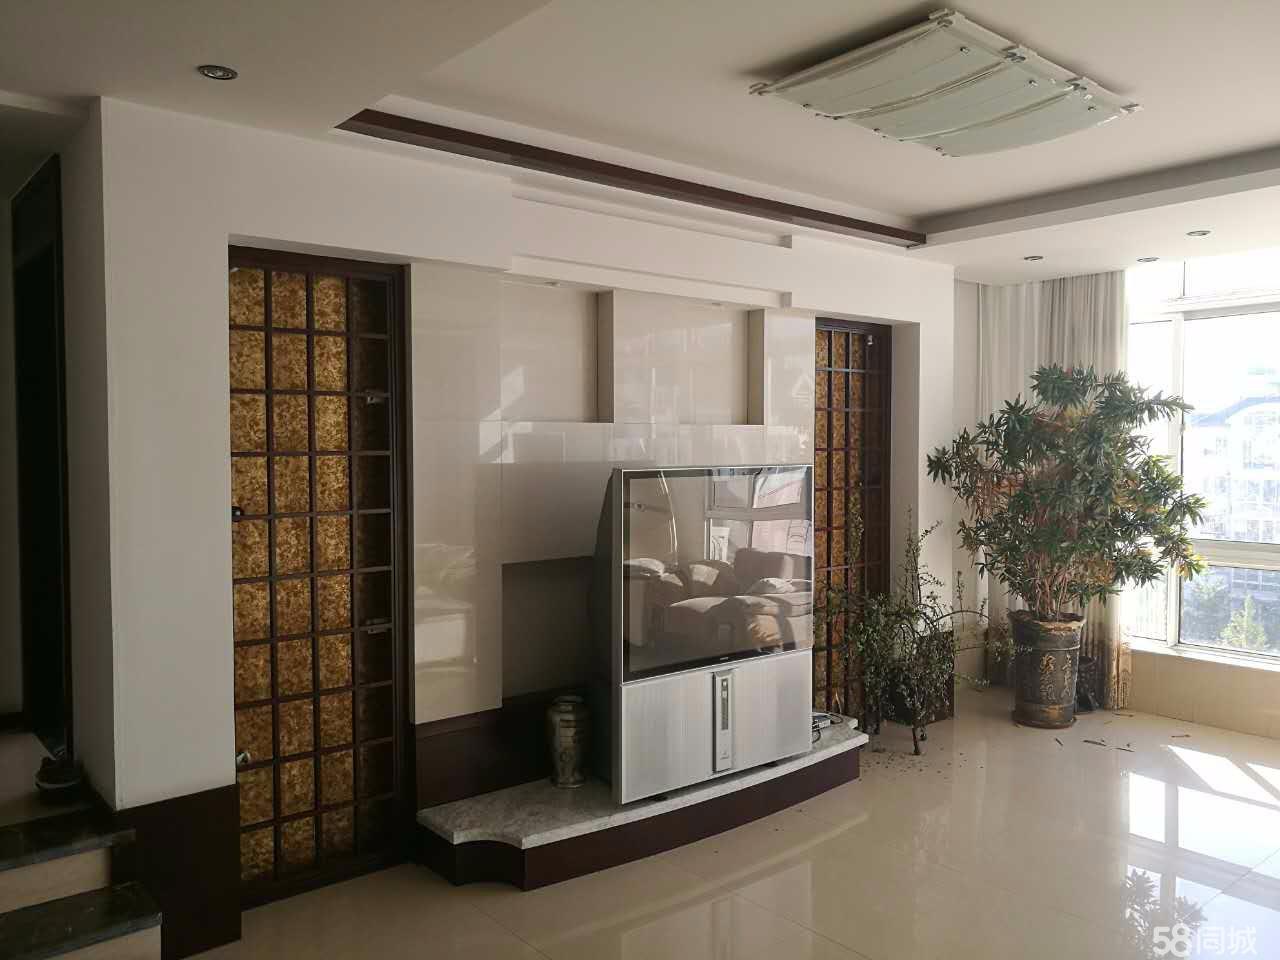 龙港书香家园B区2室2厅1卫142.69平米